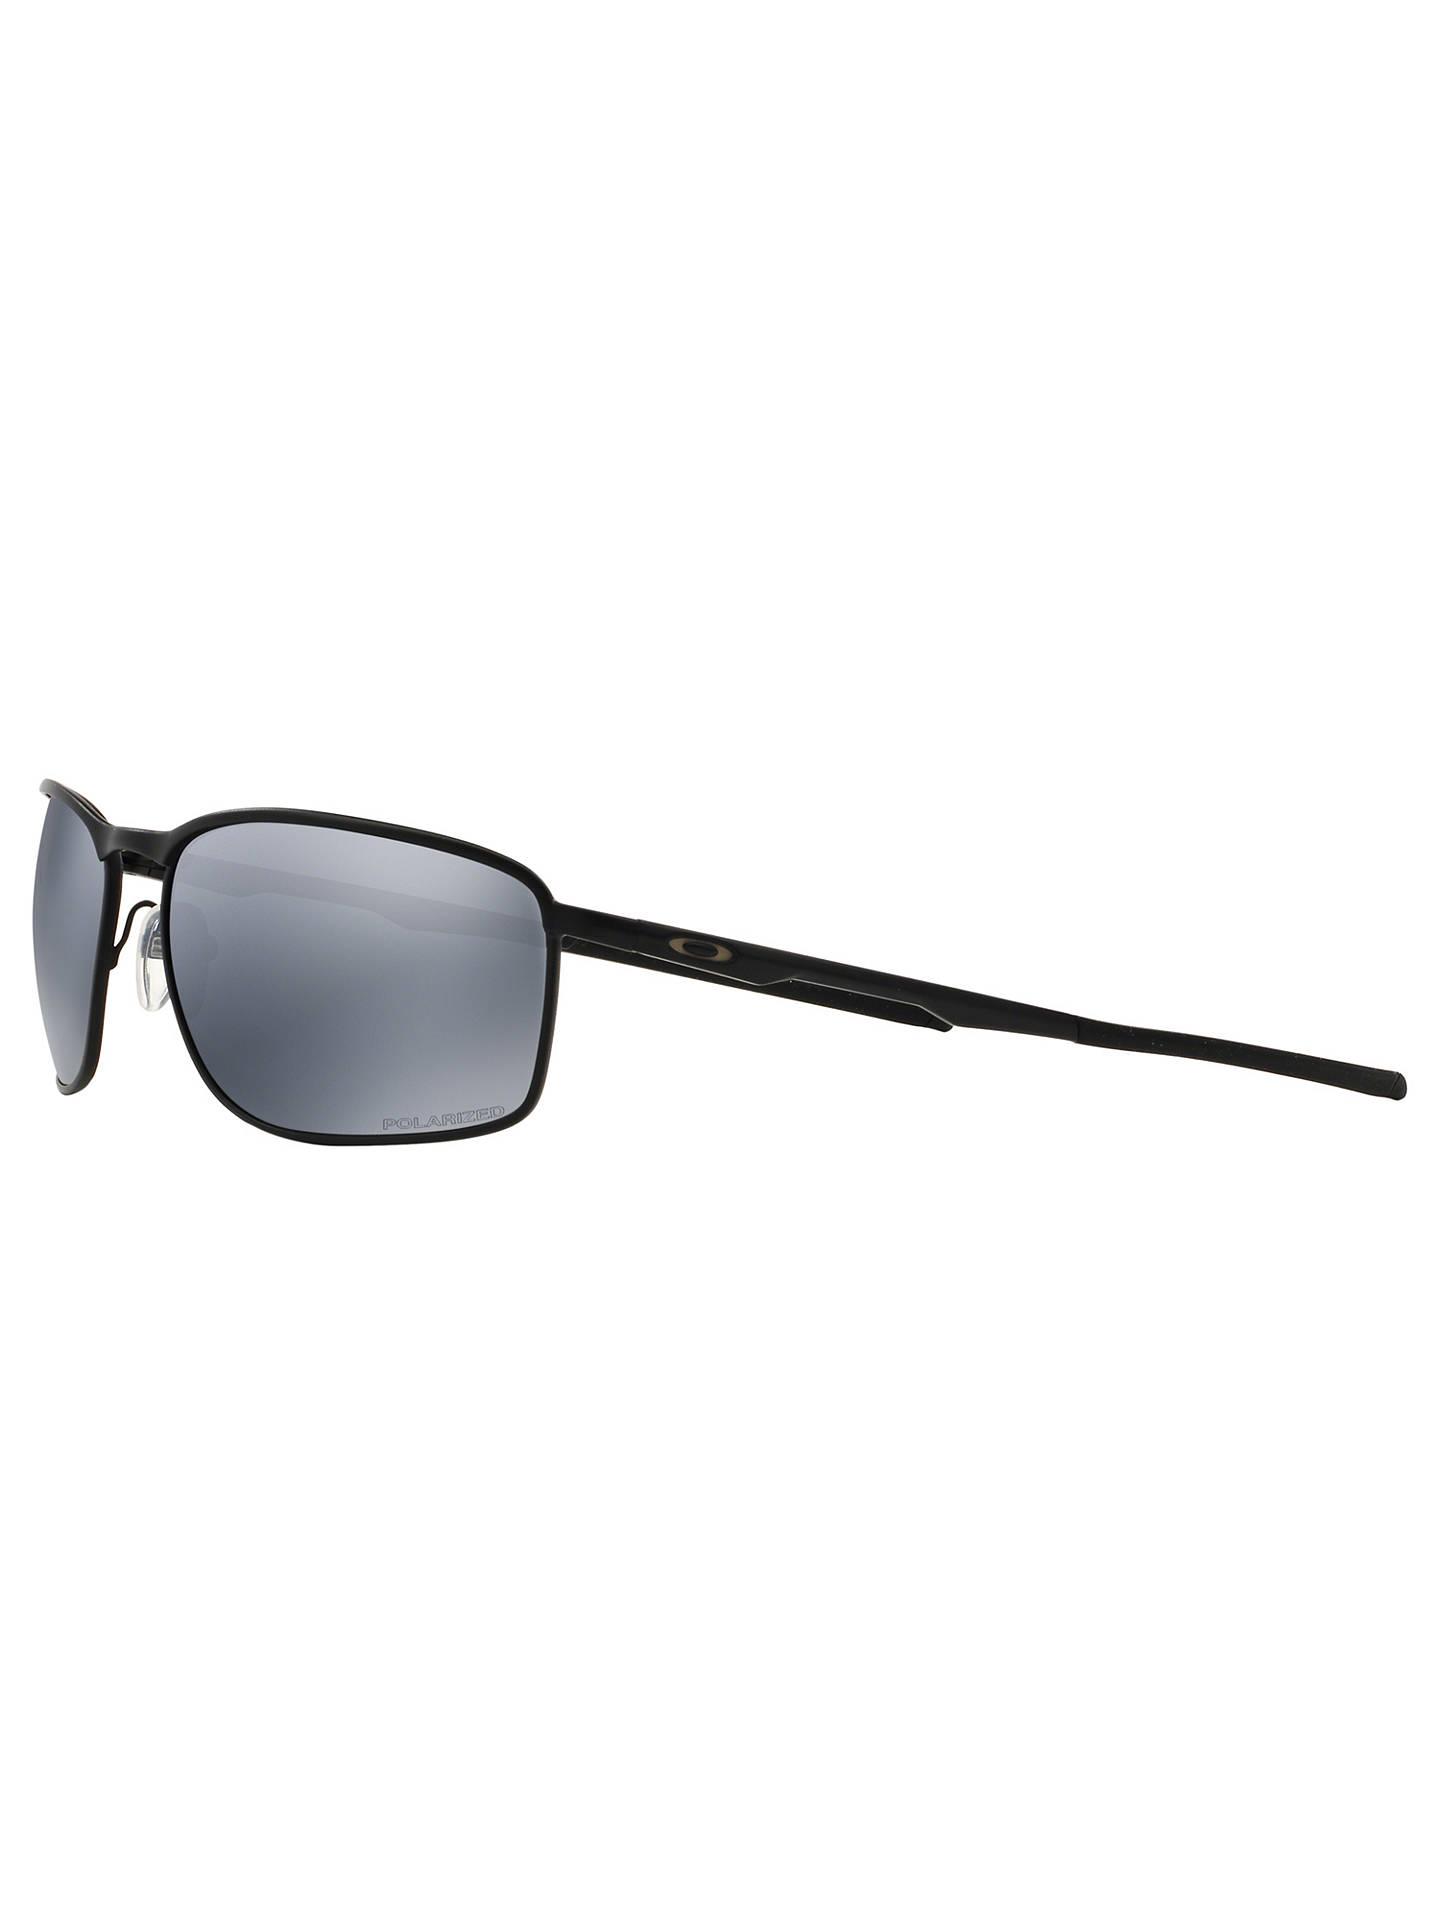 5dd71a057ff ... Buy Oakley OO4107 Conductor 8 Polarised Rectangular Sunglasses